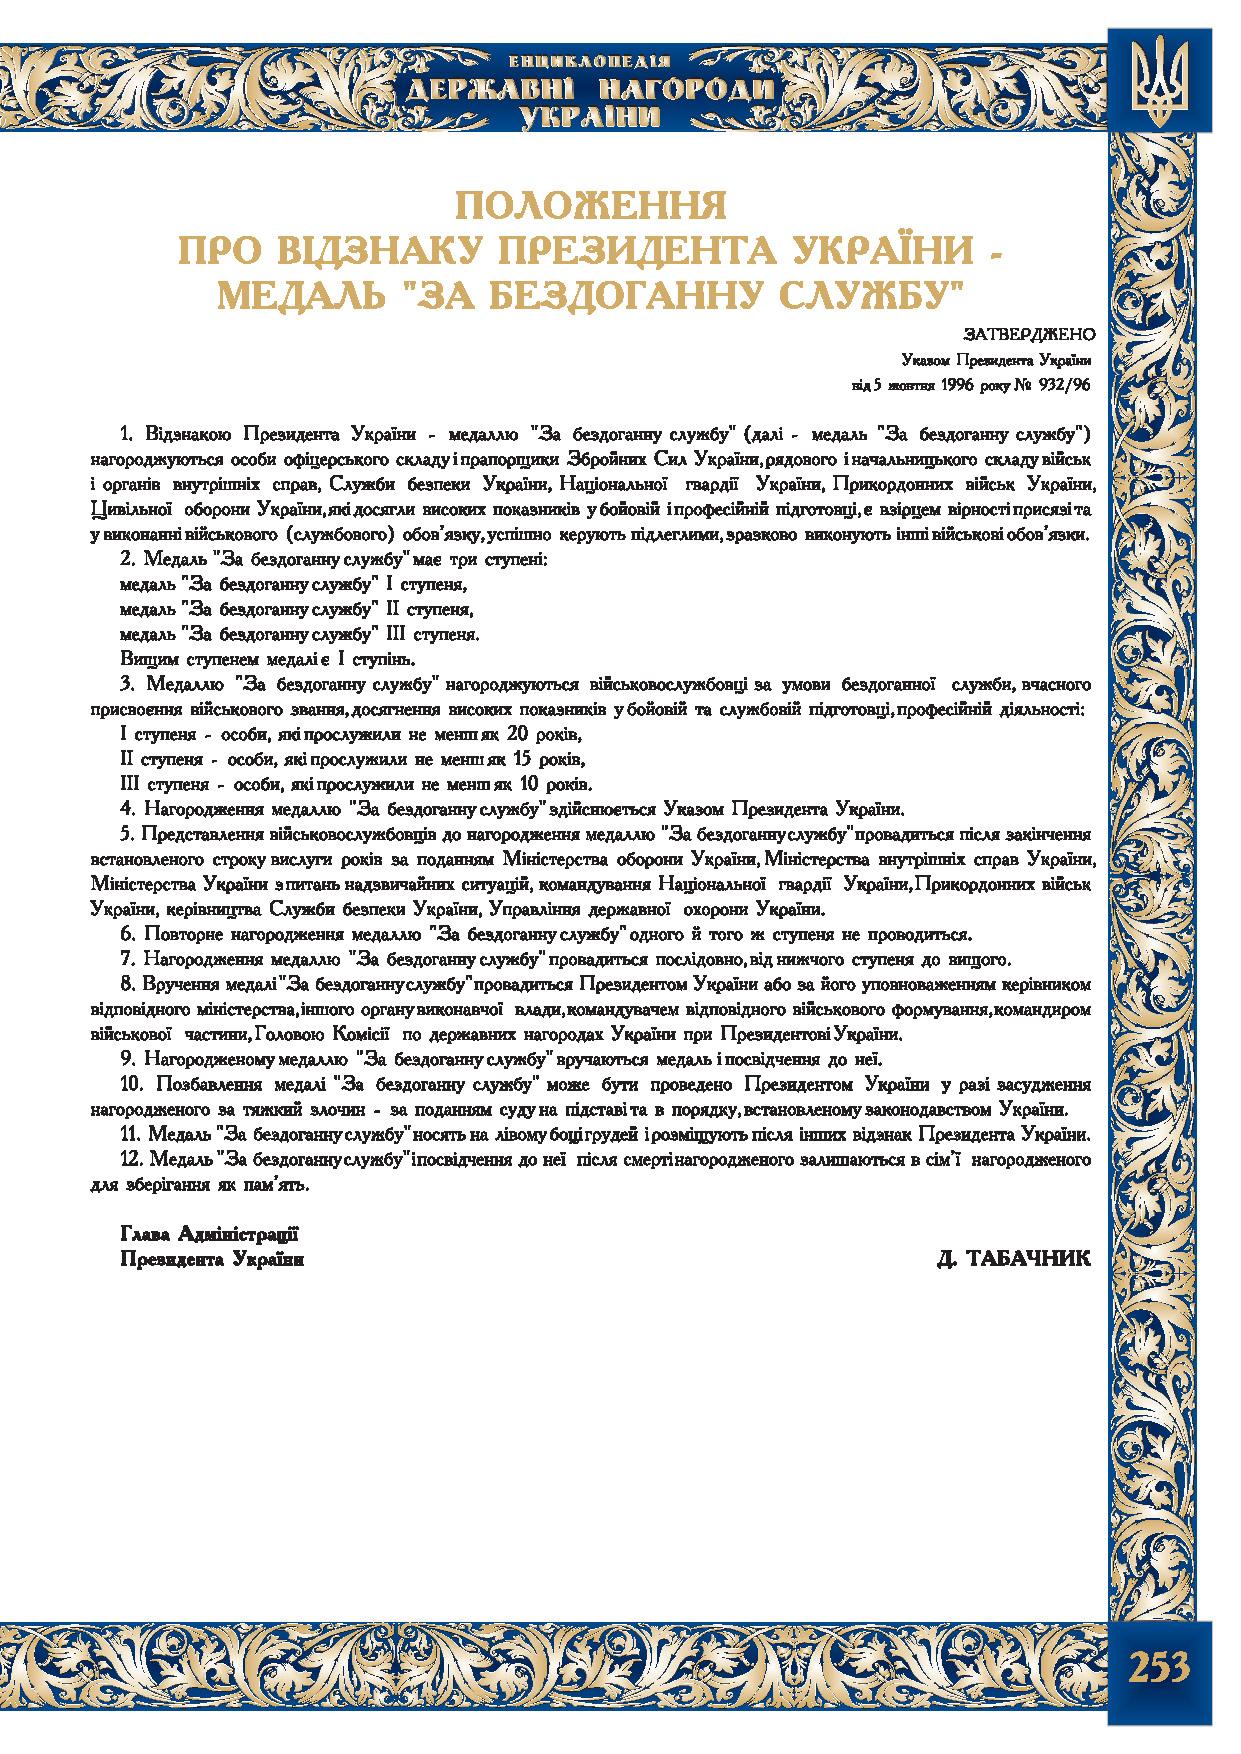 Положення про відзнаку Президента України -  медаль